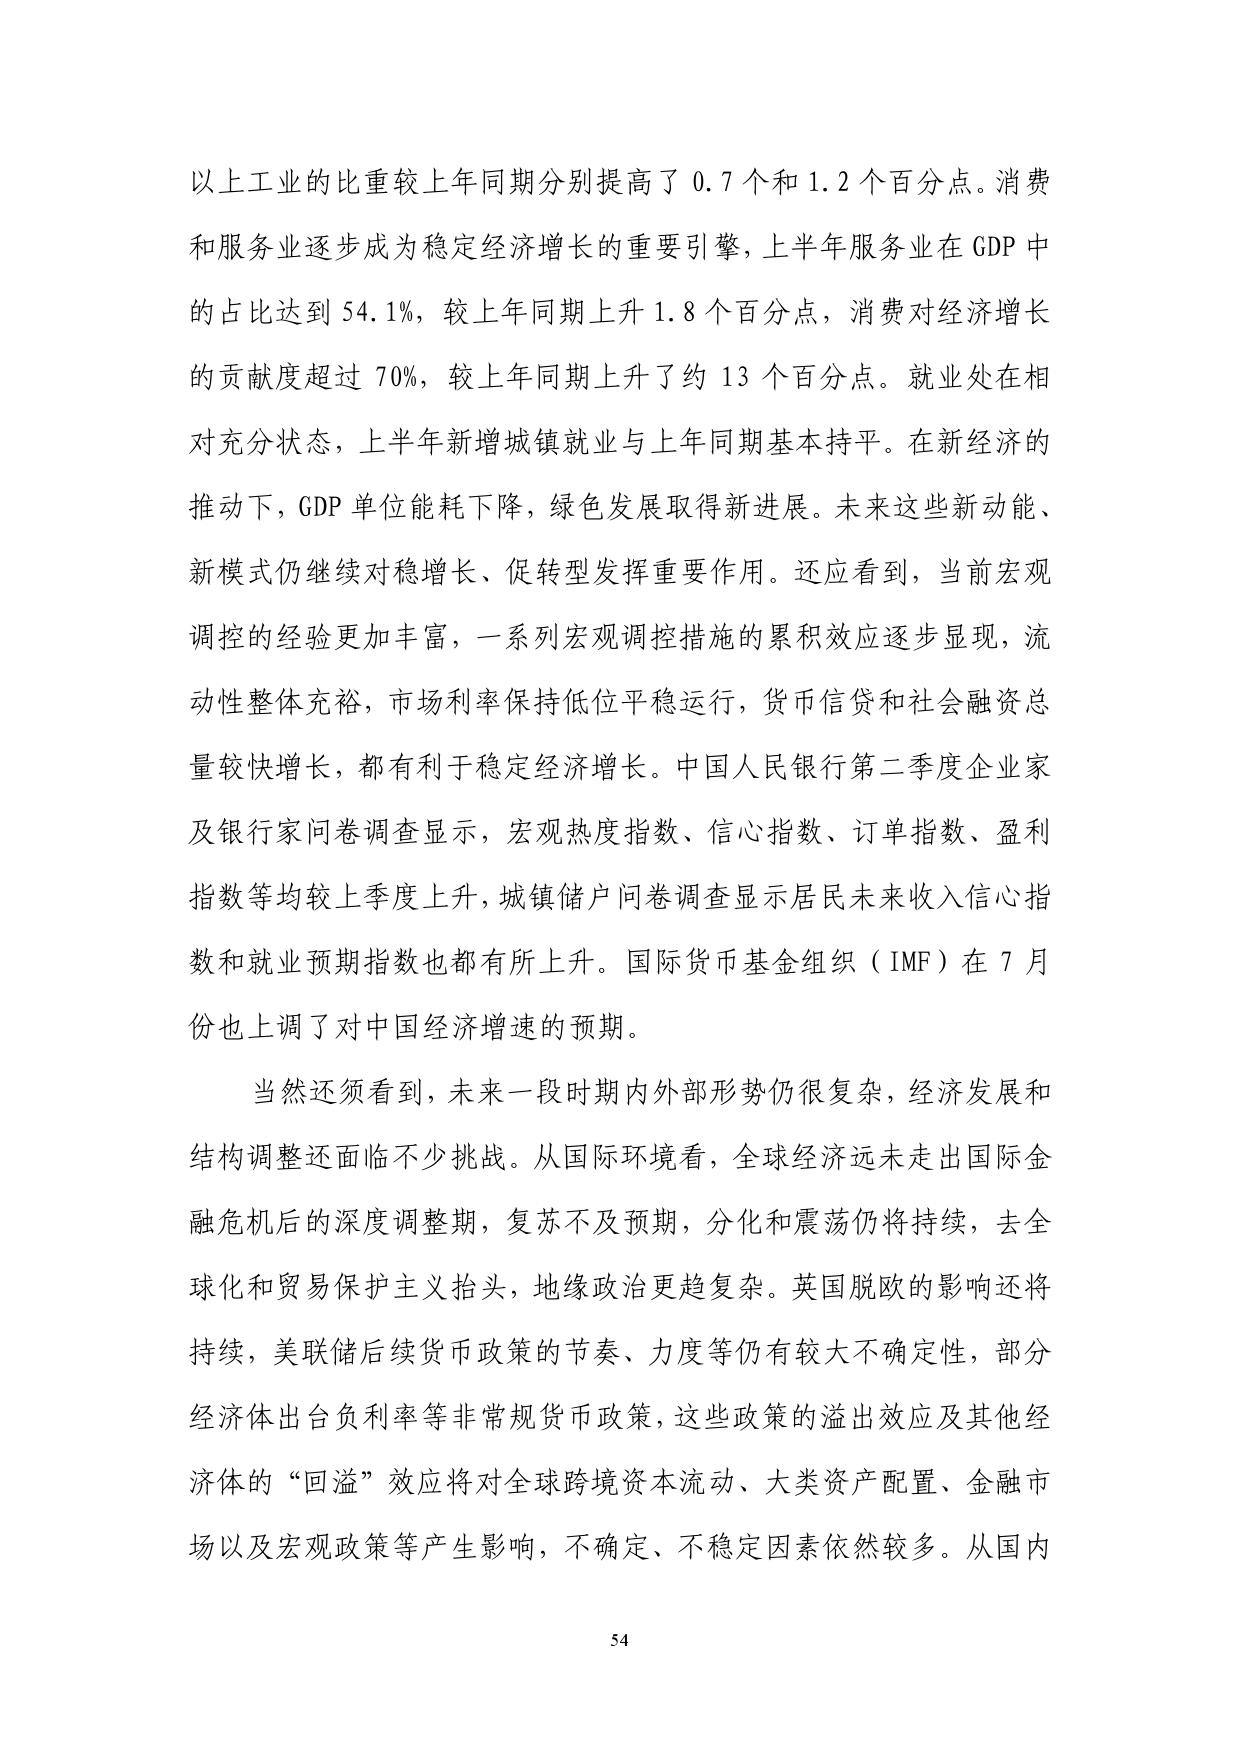 2016年Q2中国货币政策执行报告_000060